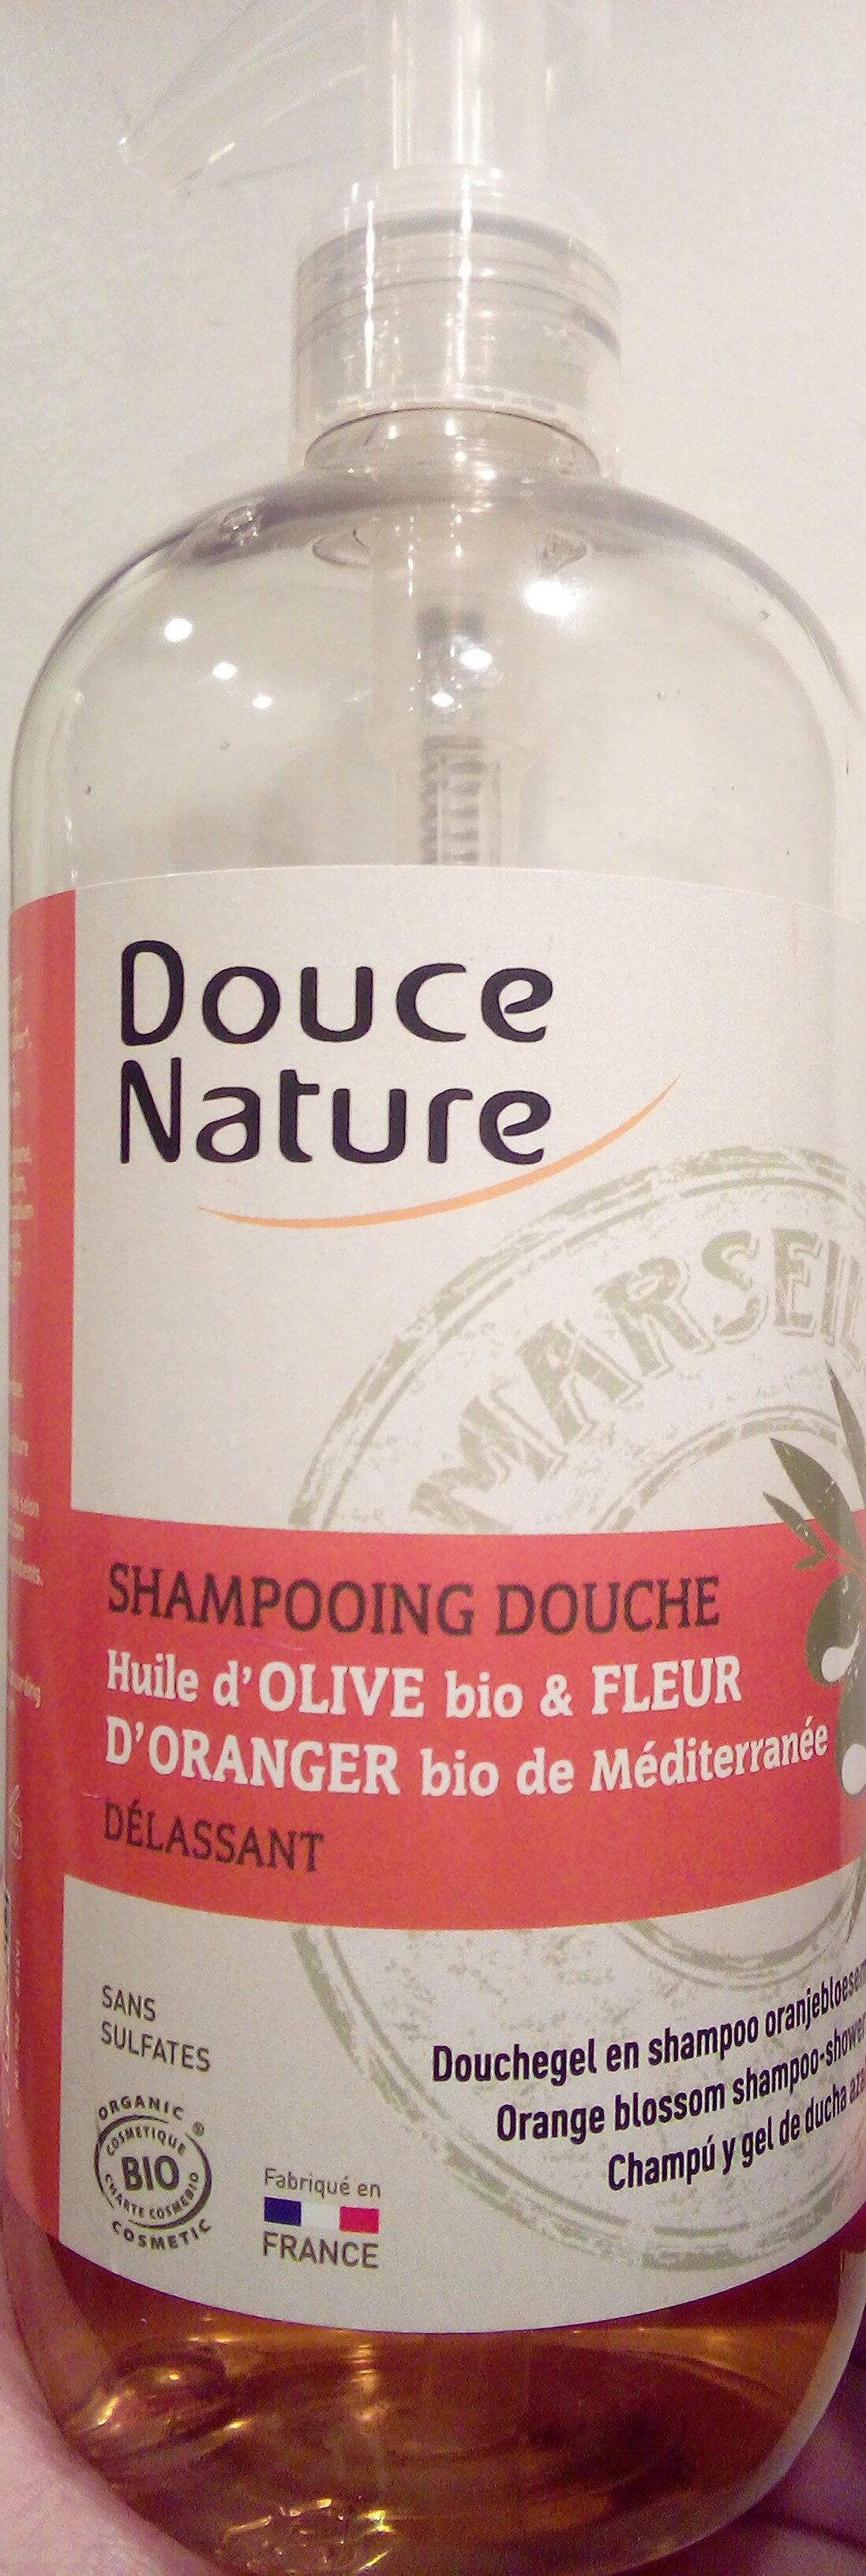 Shampooing douche délassant - Produit - fr